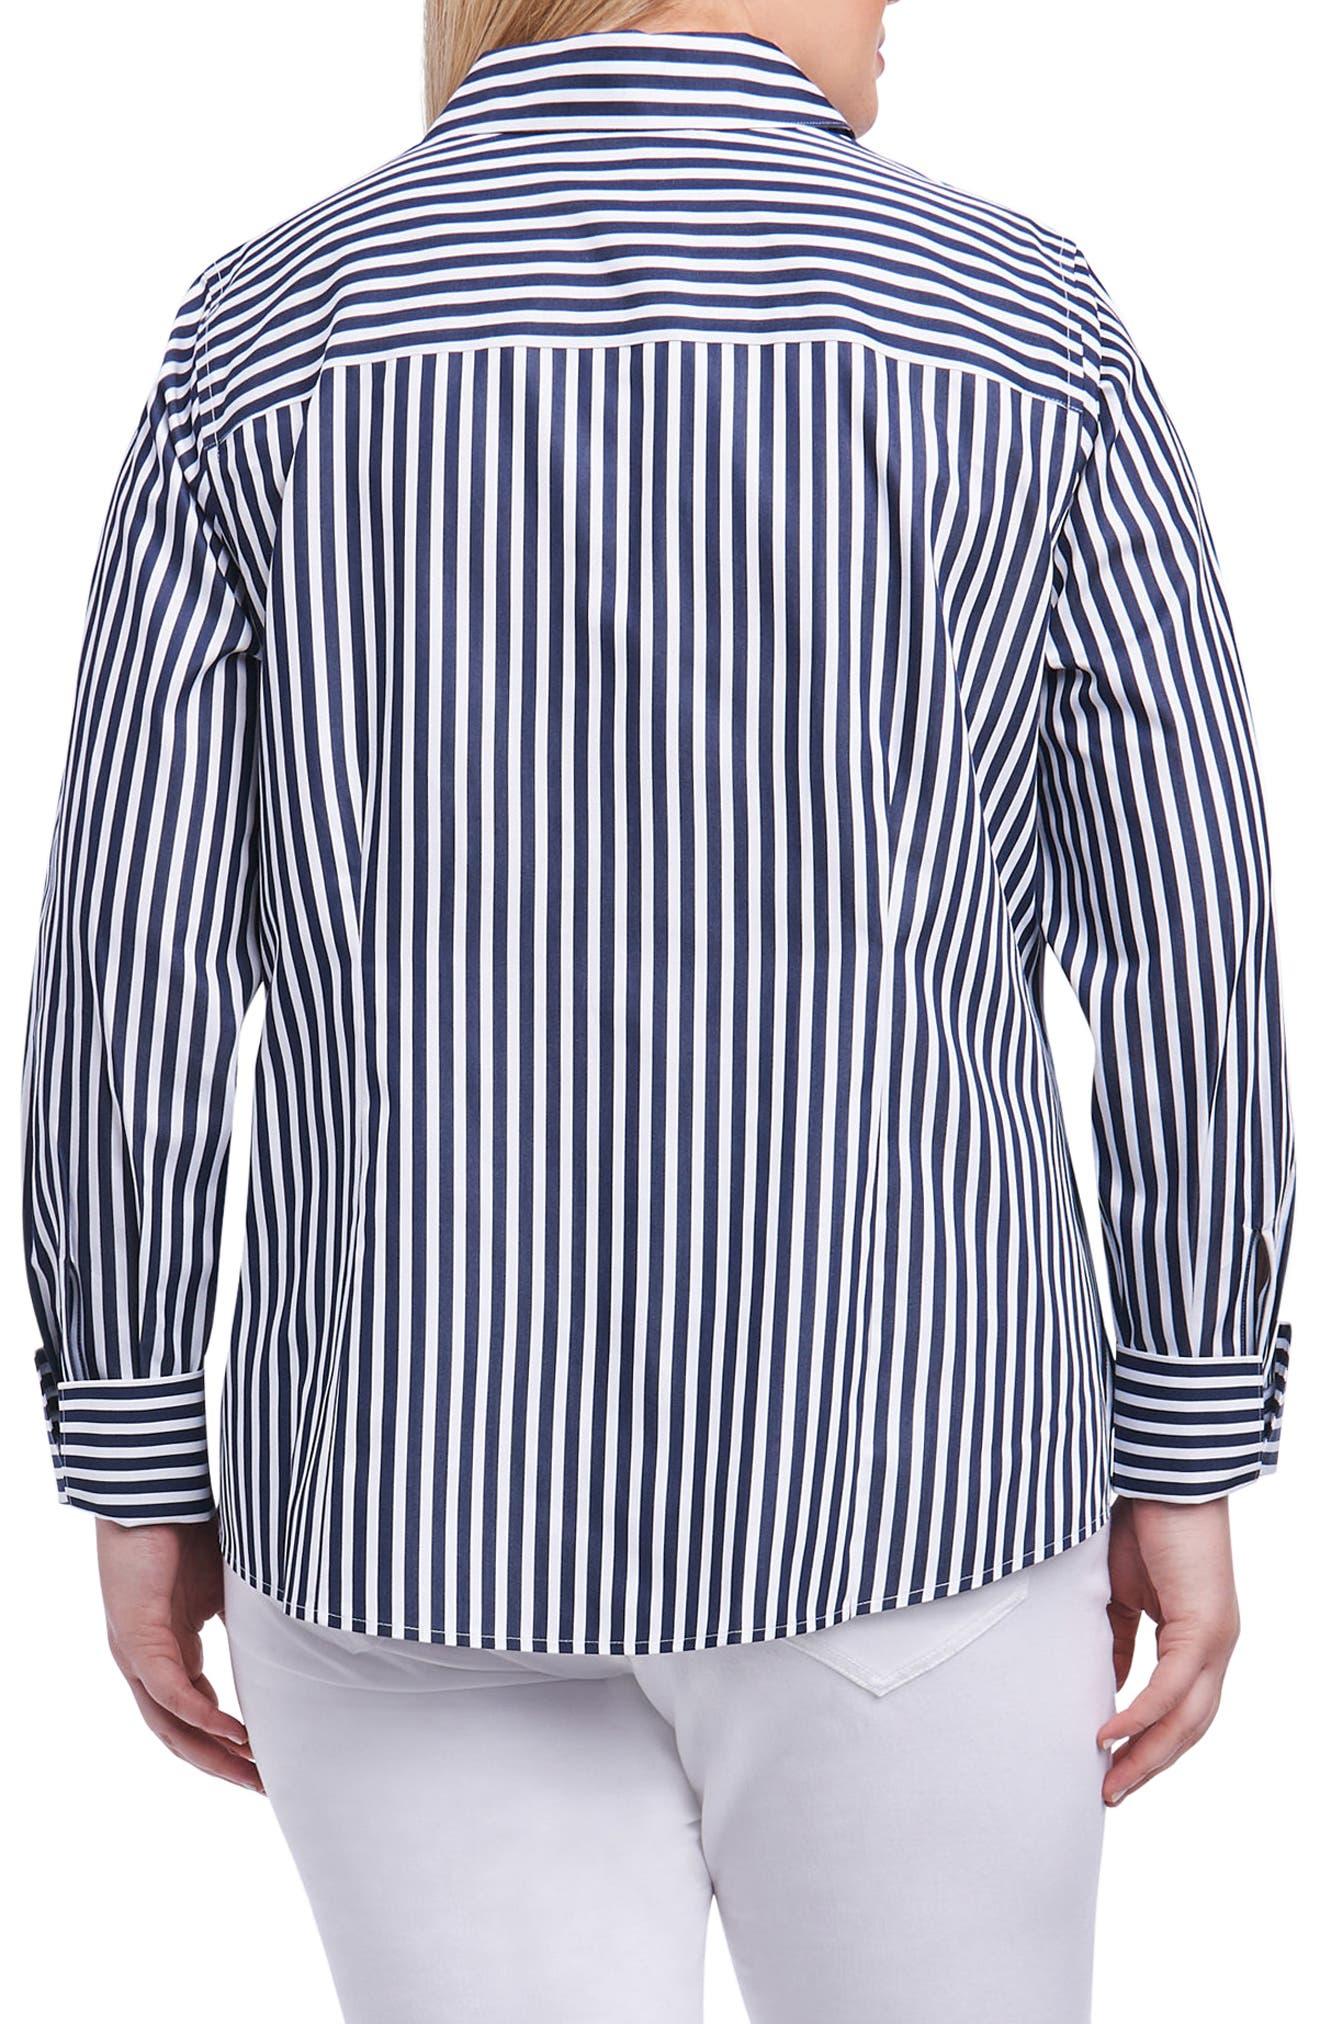 Lauren Sateen Stripe Shirt,                             Alternate thumbnail 2, color,                             Navy